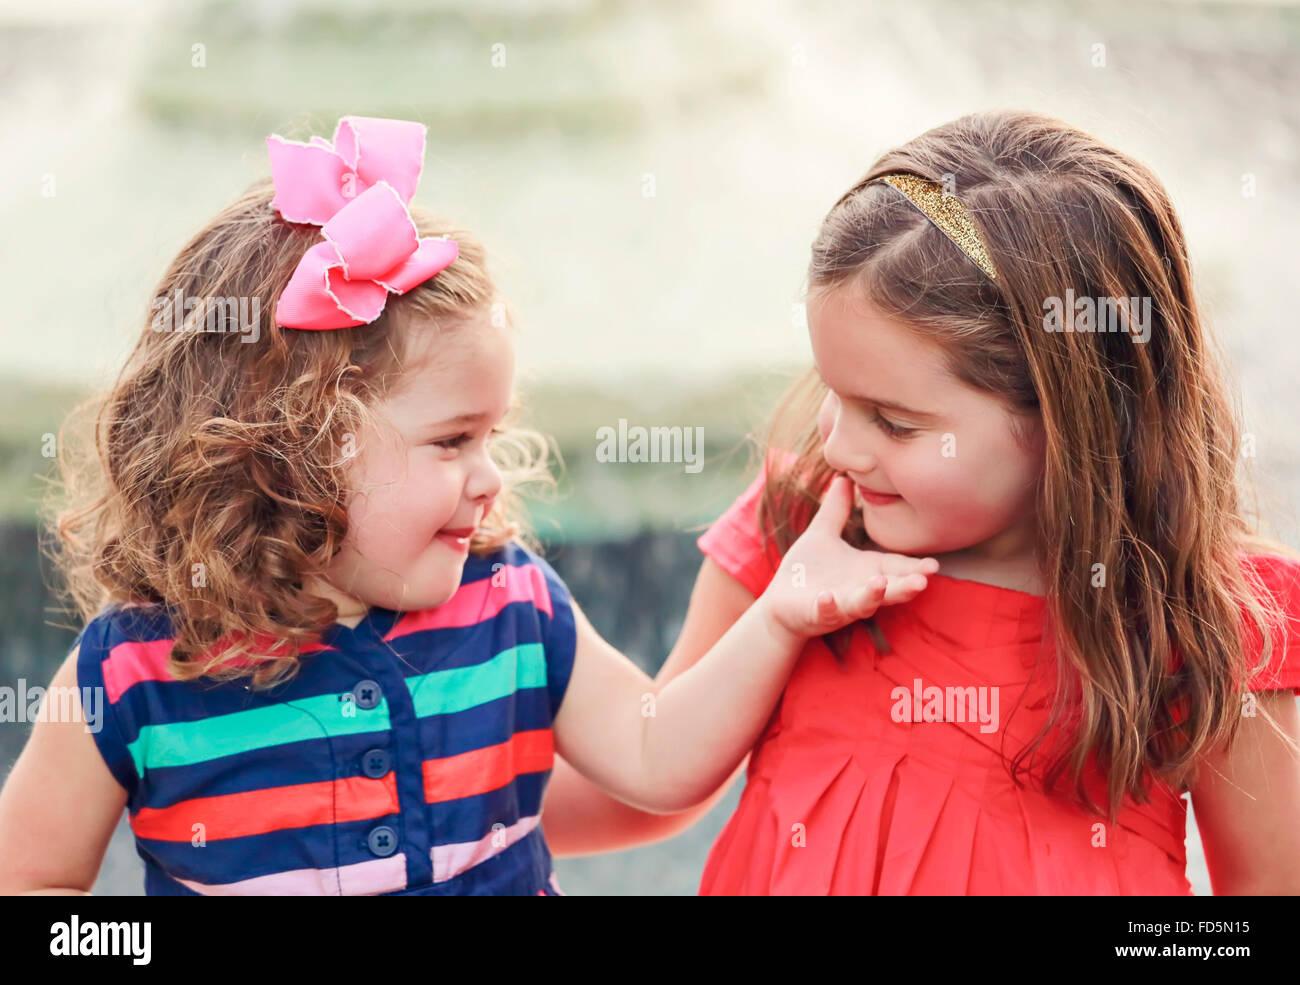 45592162b88a9 Zwei Schwestern lächelte süß miteinander in einem liebevollen Moment ...